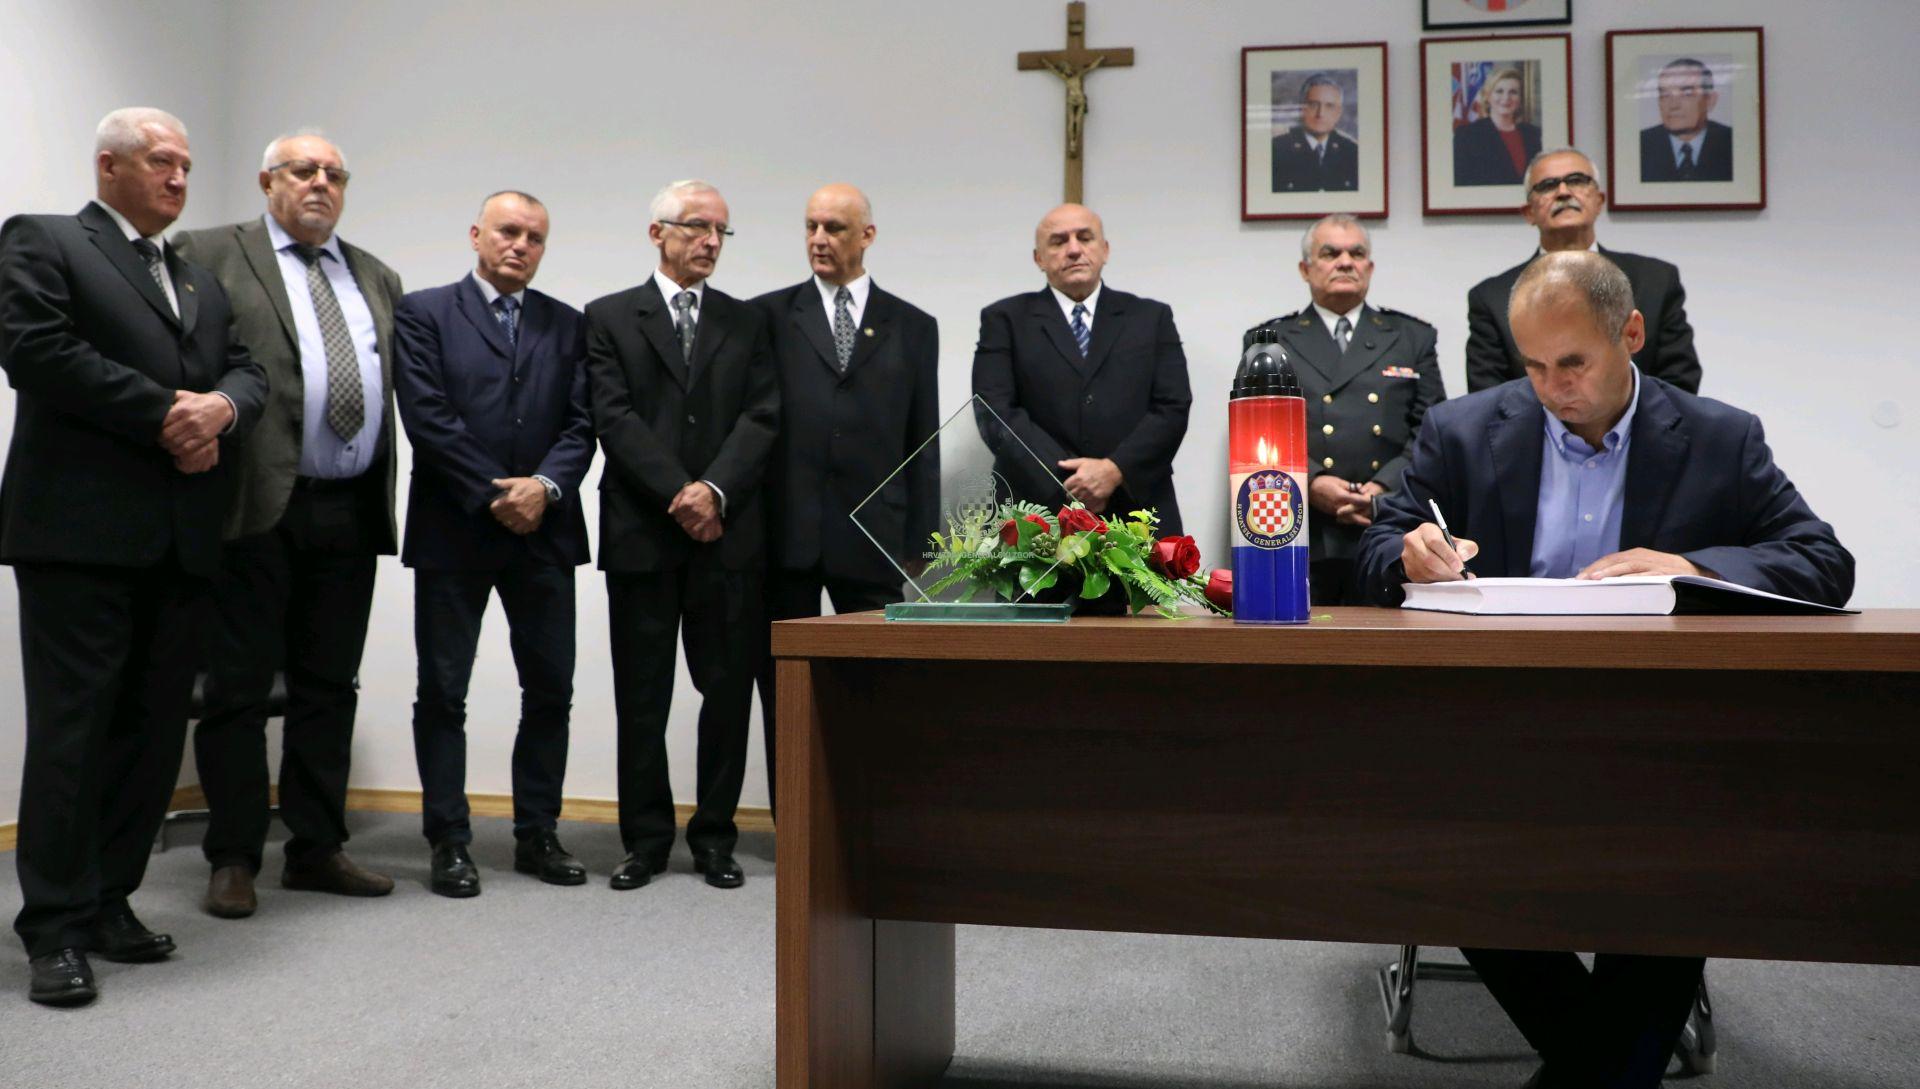 Generalski zbor otvorio knjigu sućuti za Praljka